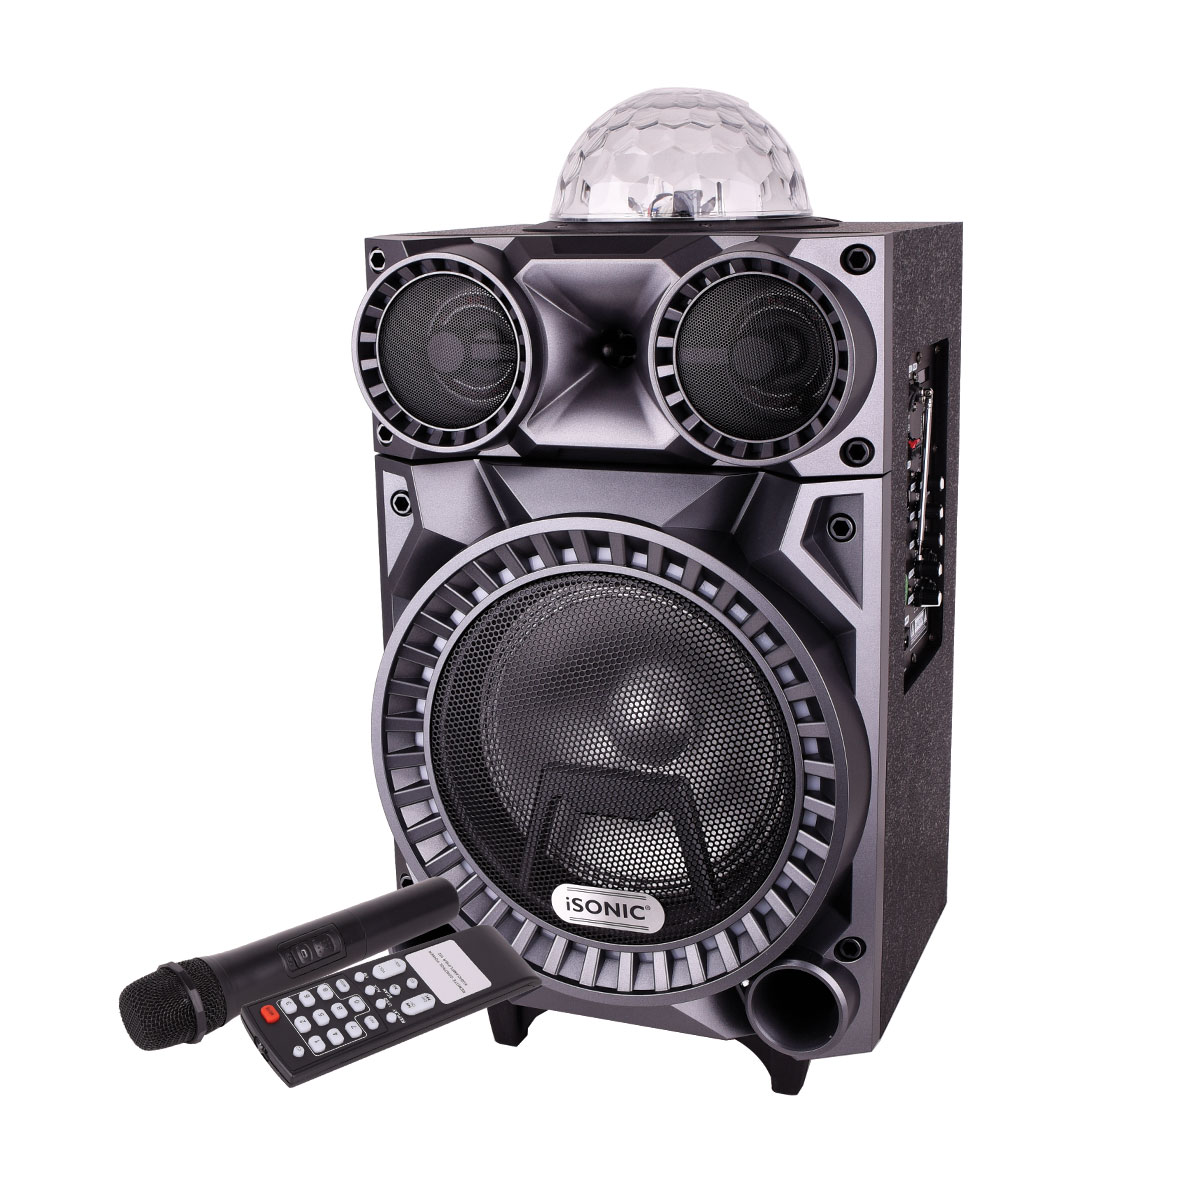 ايسونيك - مكبر صوت محمول وقابل للشحن مع عجلات - iS465